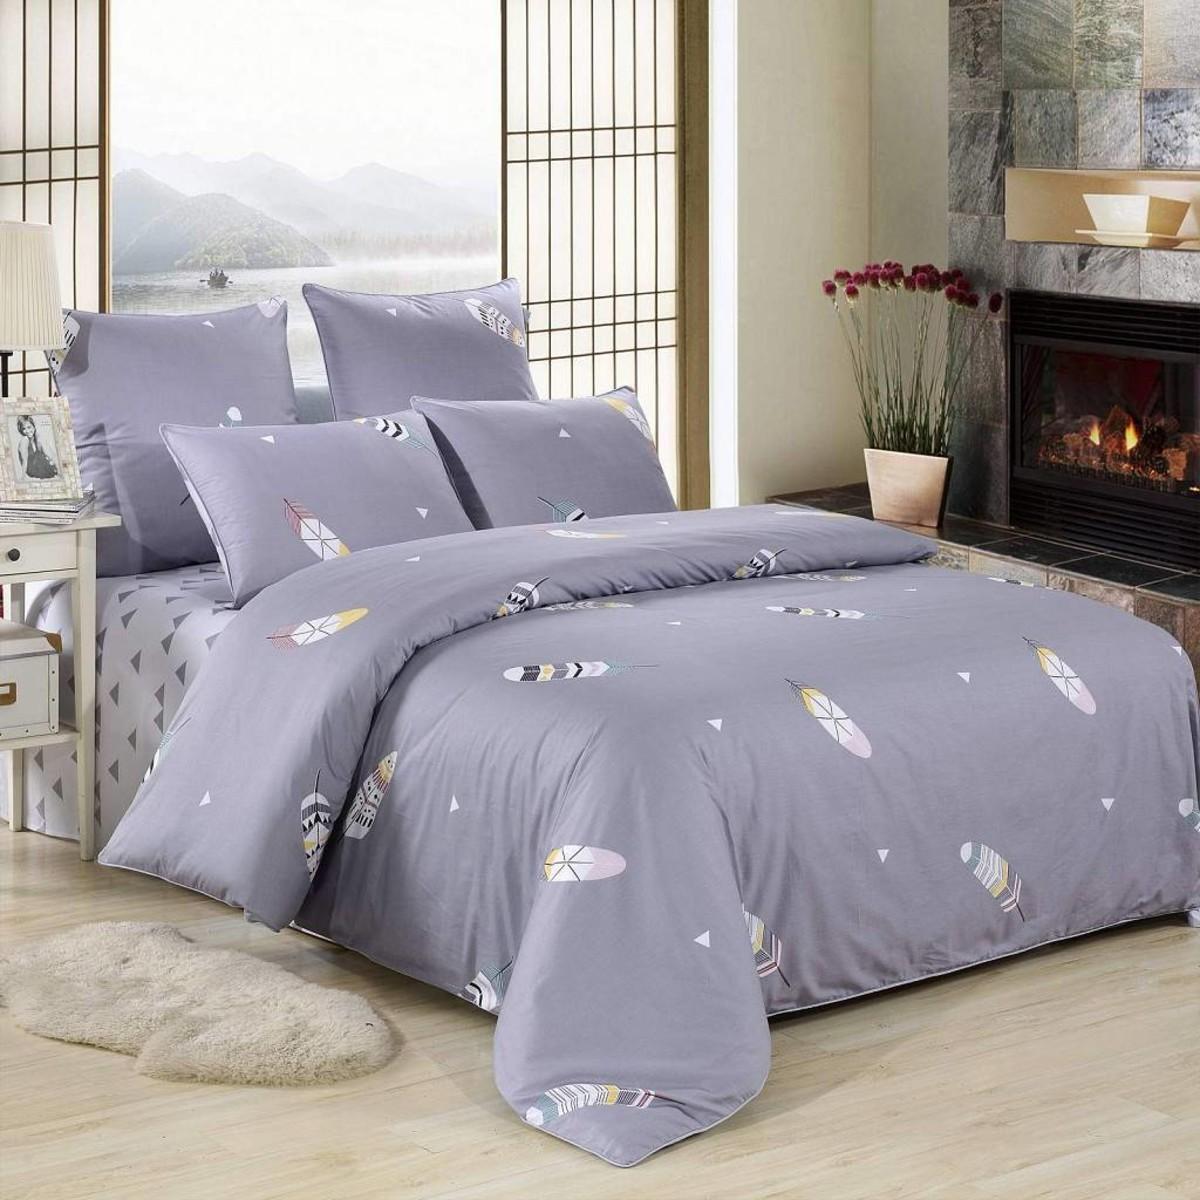 Комплект постельного белья Мирта евро сатин